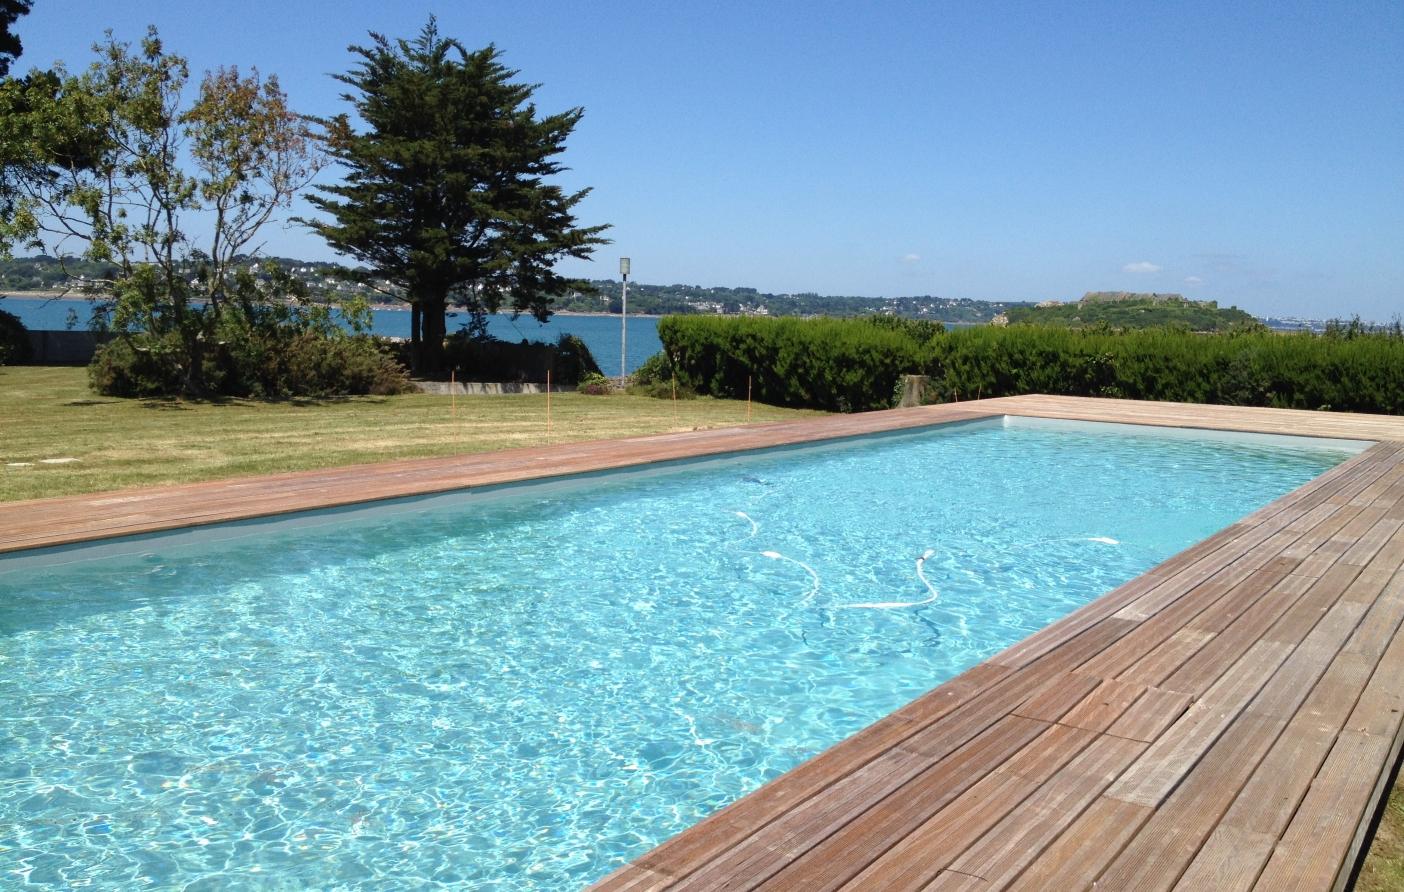 Piscine extérieure couloir de nage Finistère